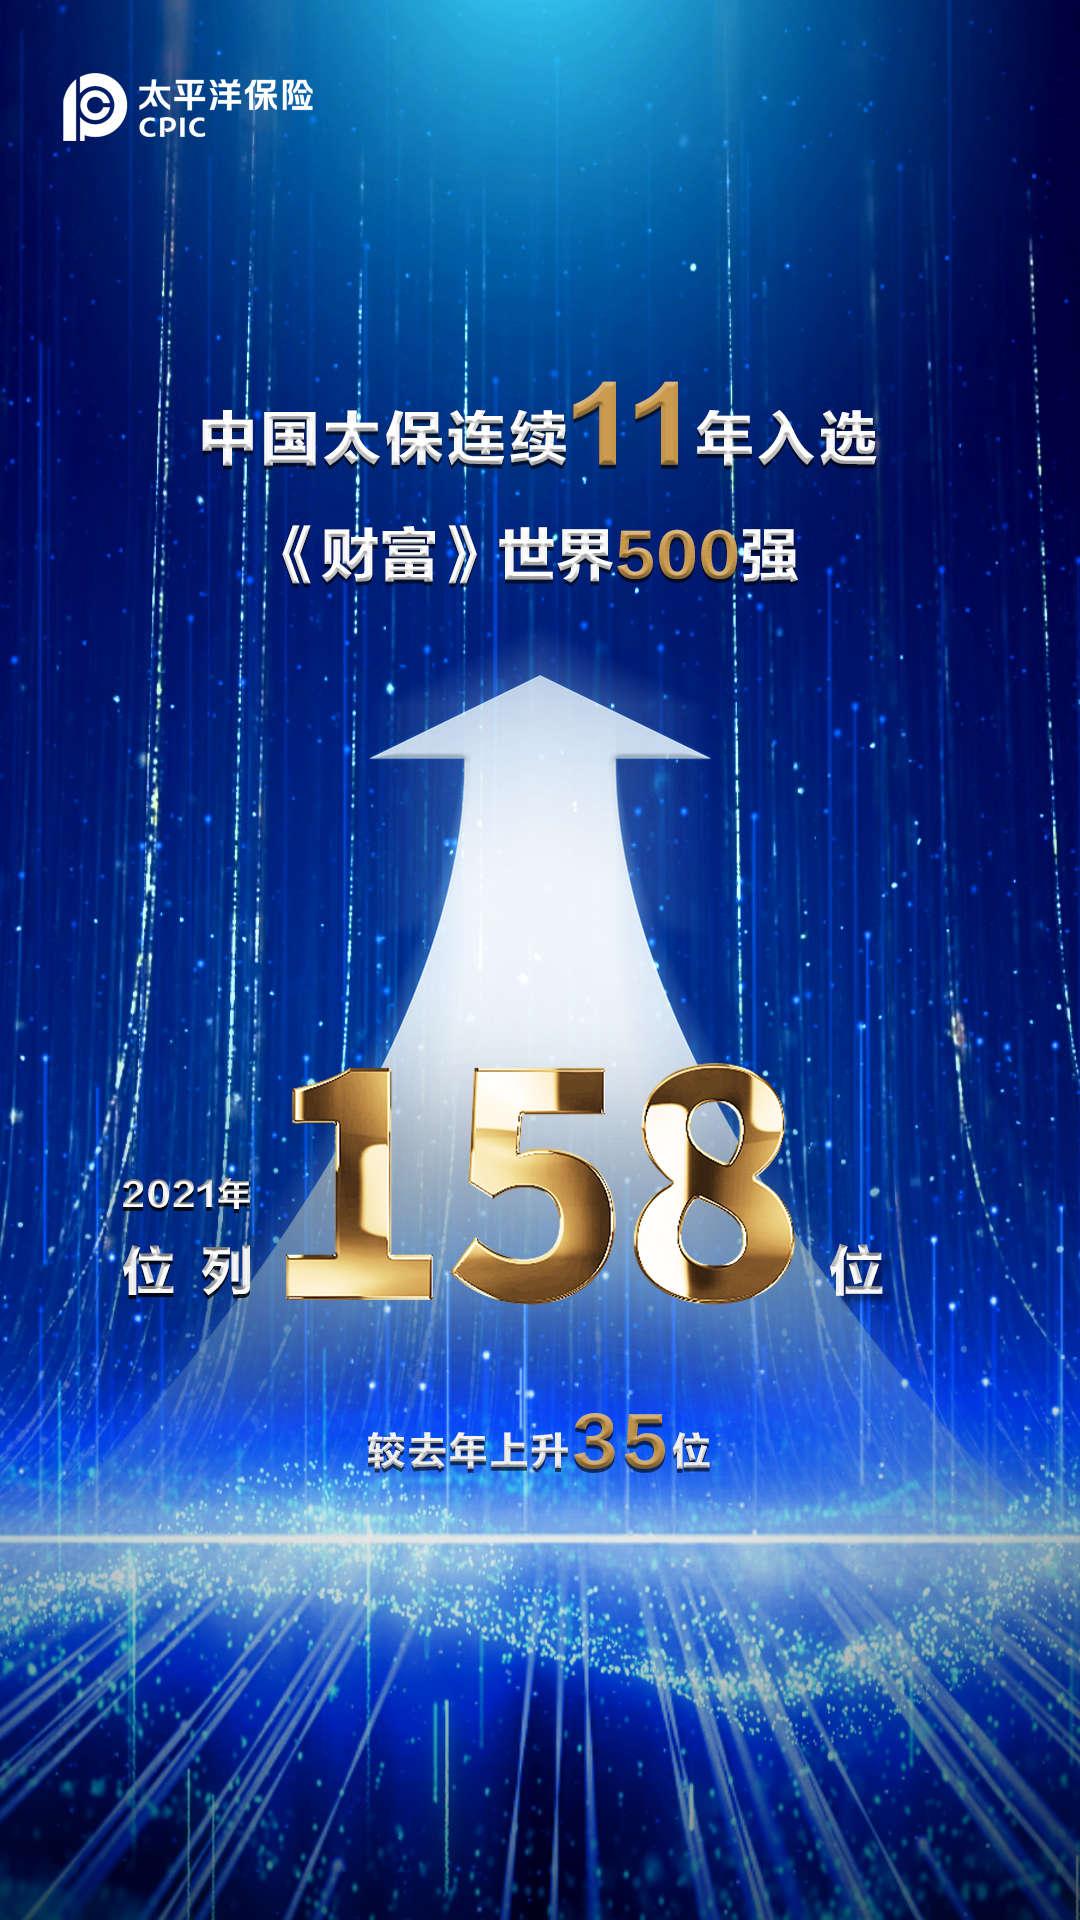 连续11年上榜《财富》世界500强  中国太保排名大幅跃升至158 位